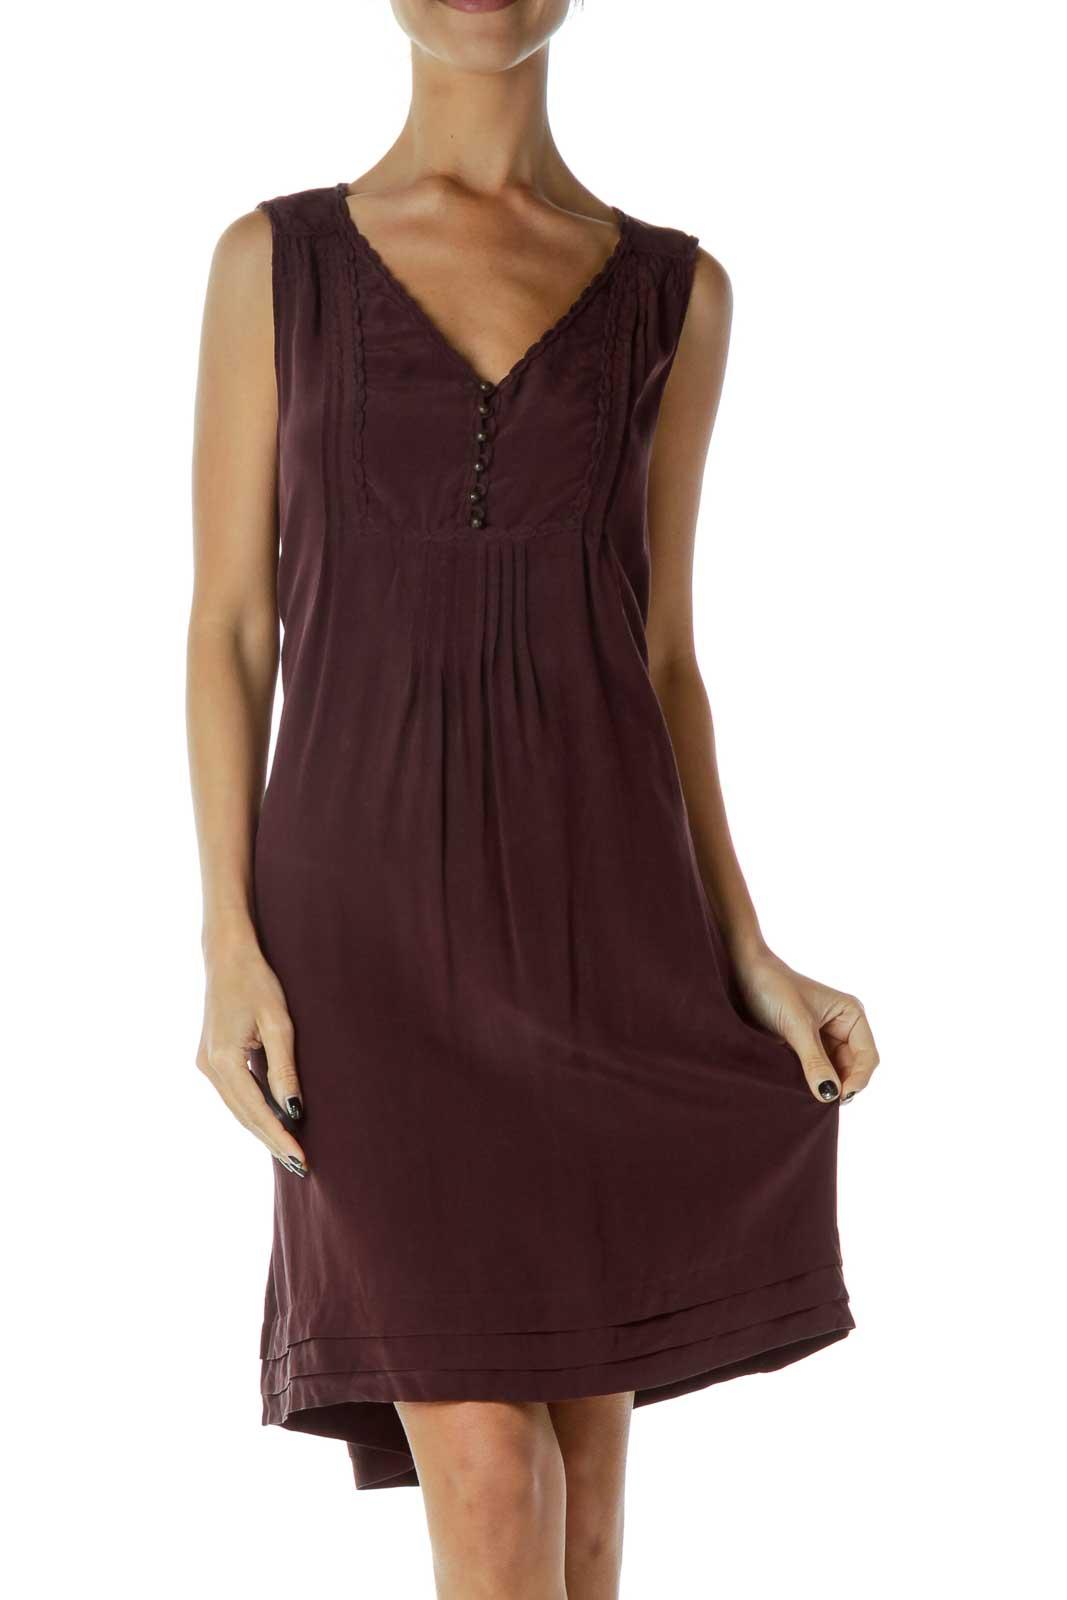 Burgundy Sleeveless Dress  Front